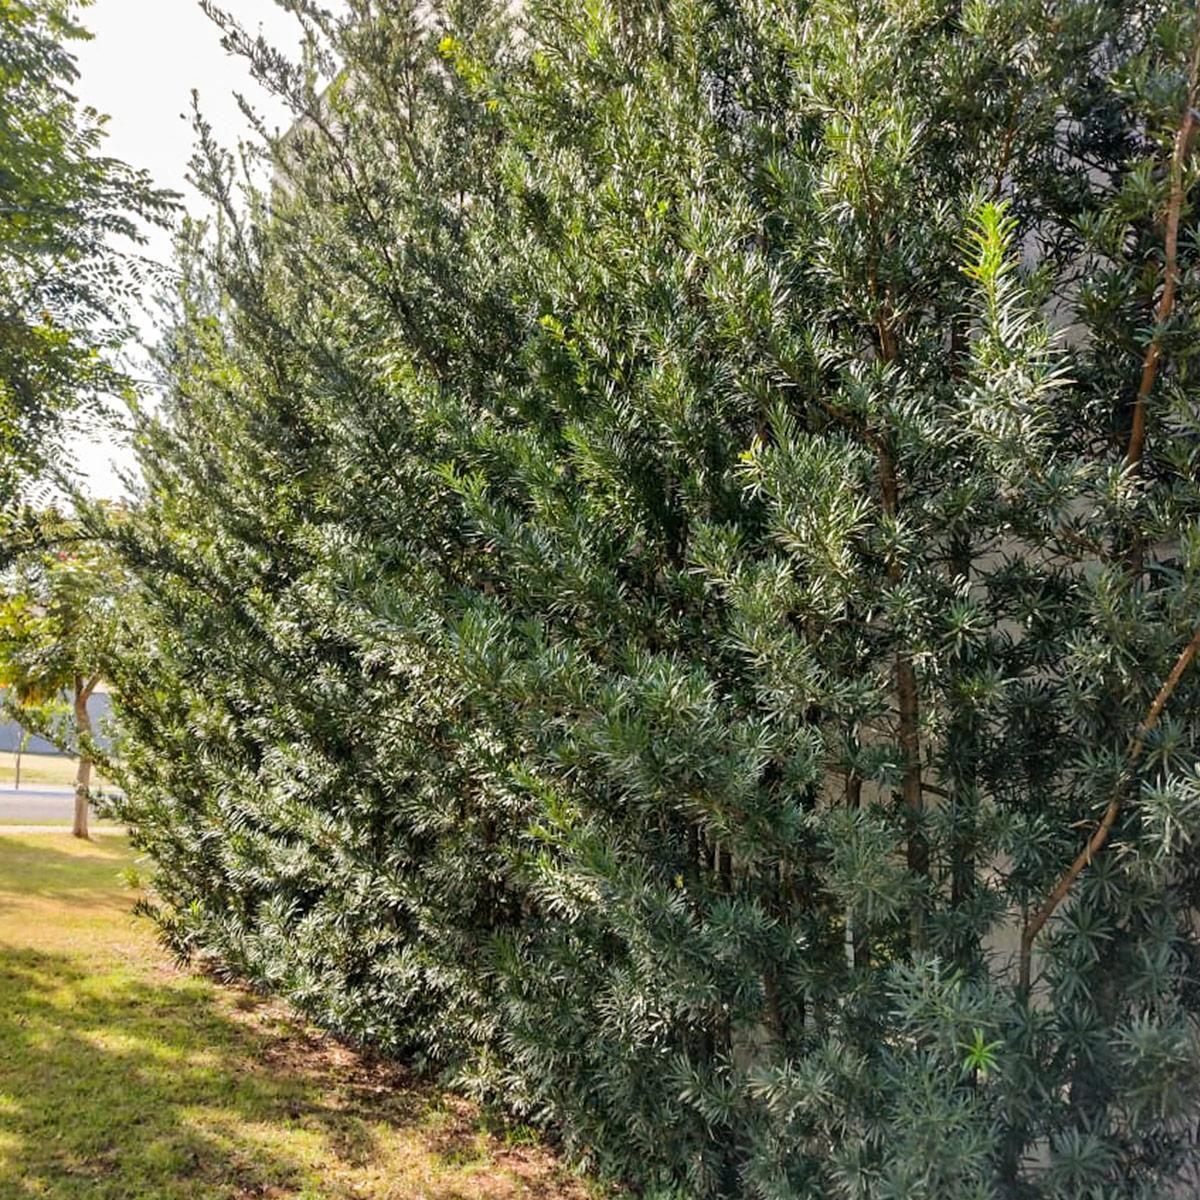 Muda de Podocarpus - Podocarpus macrophyllus